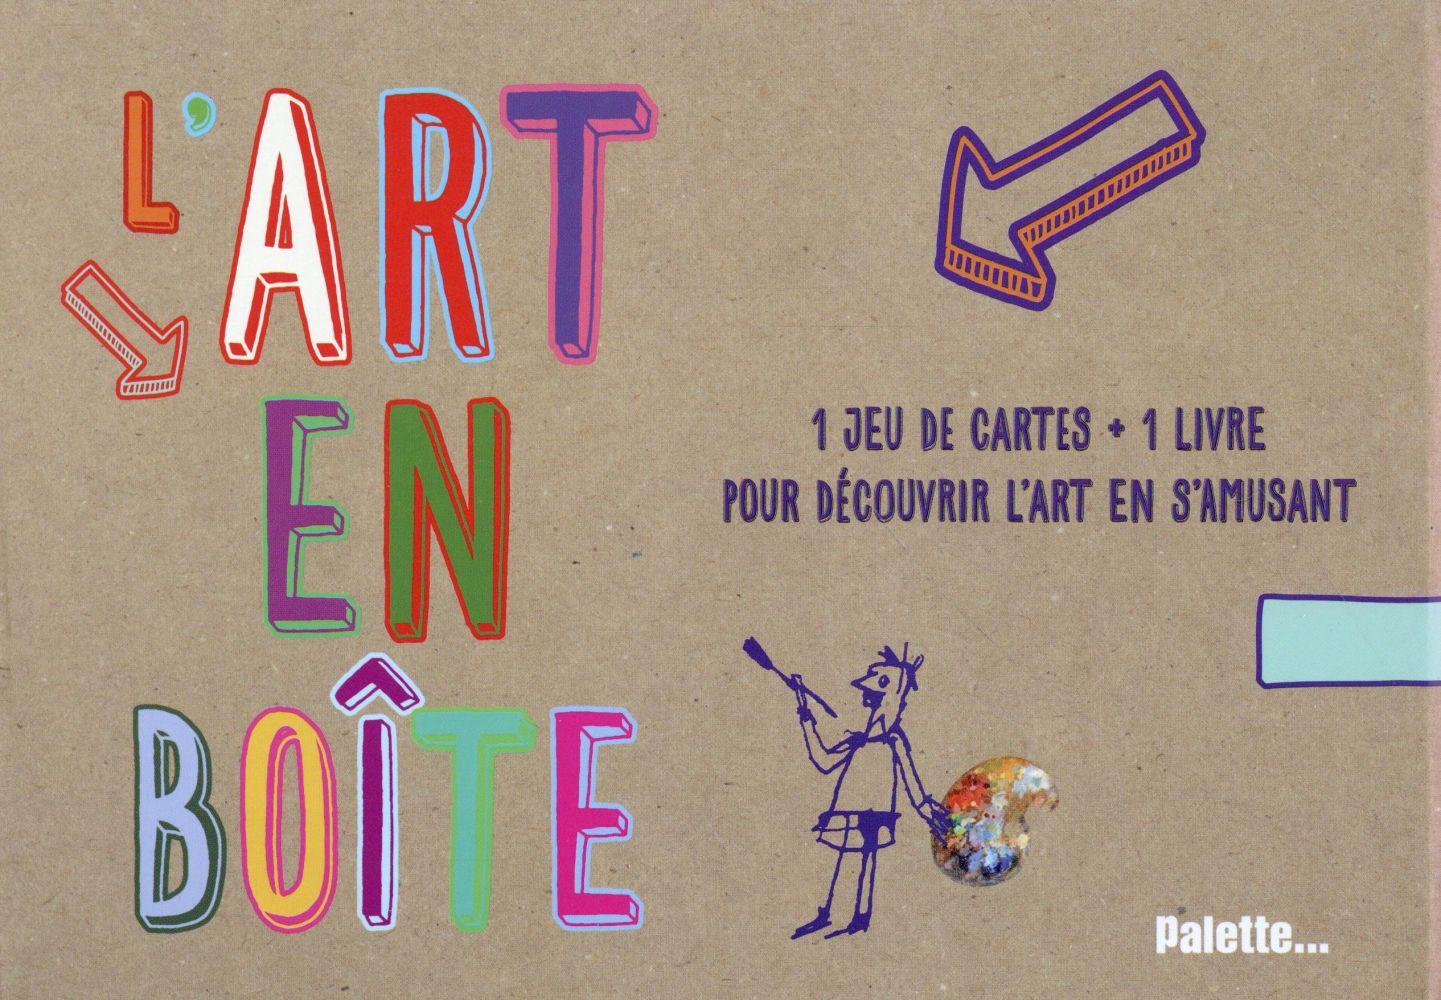 L'ART EN BOITE